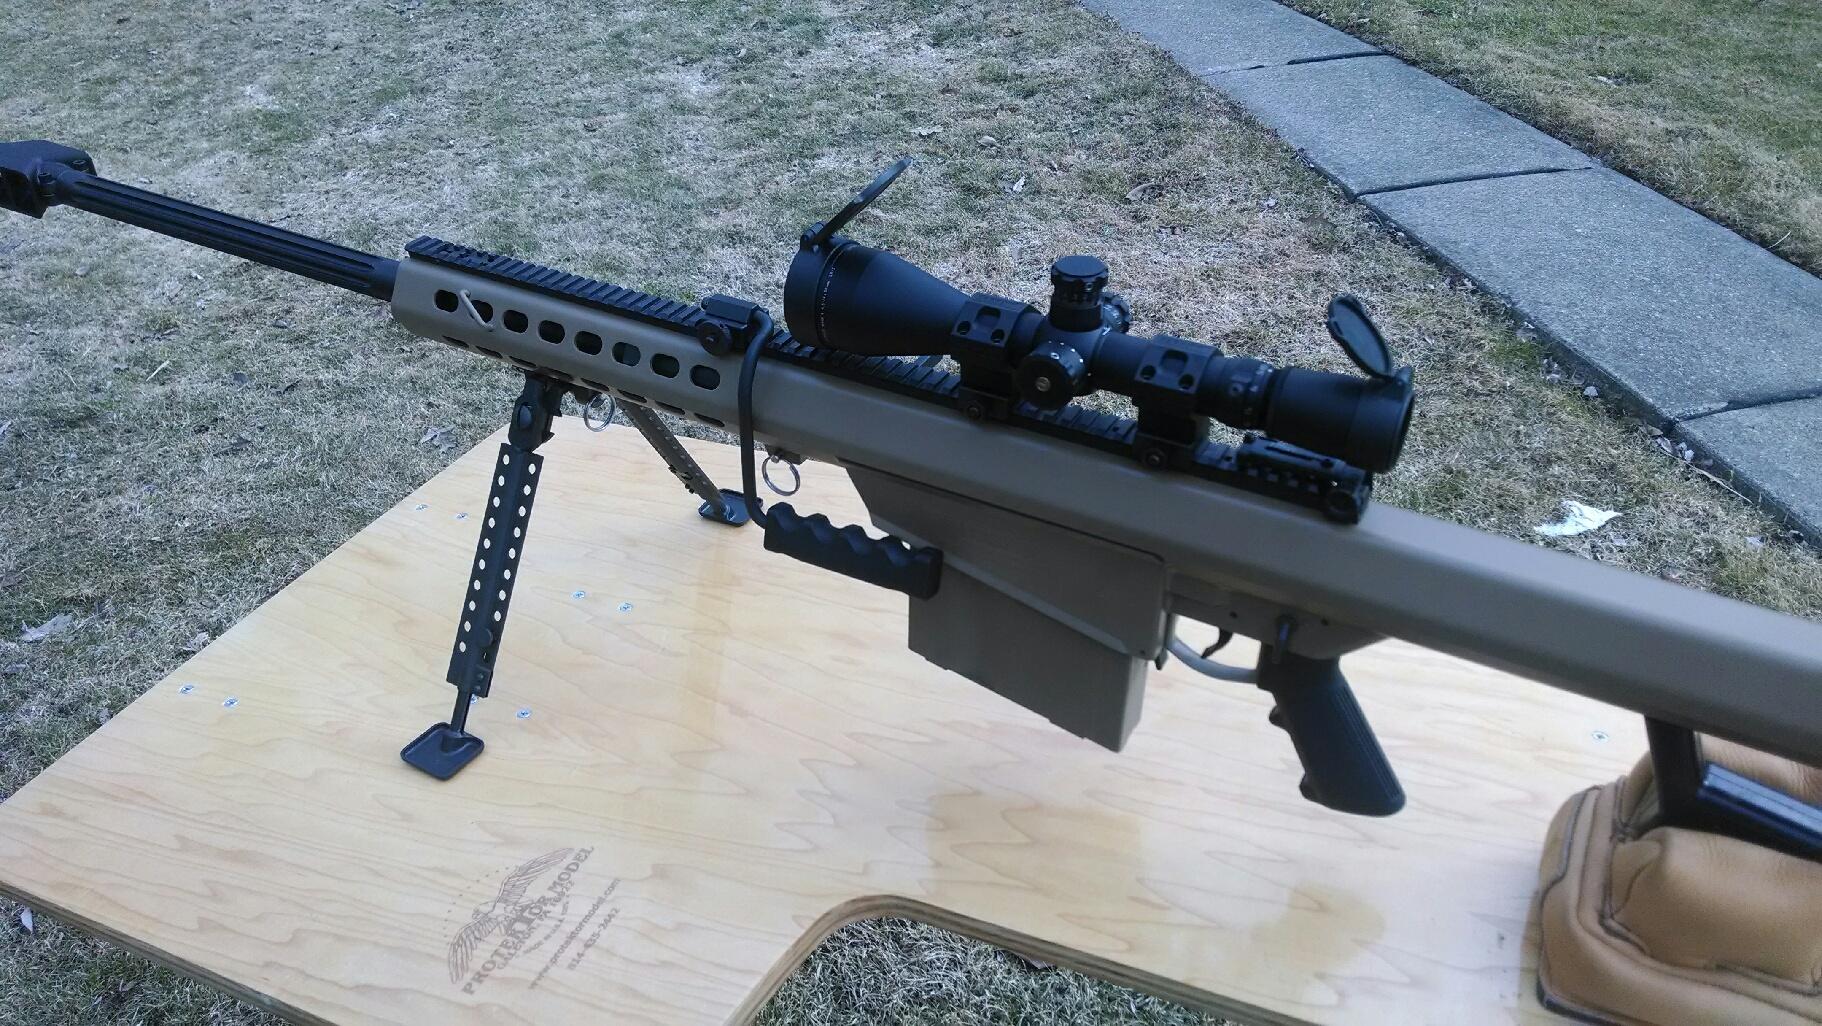 Barrett M82A1 for sale-barrett.jpg